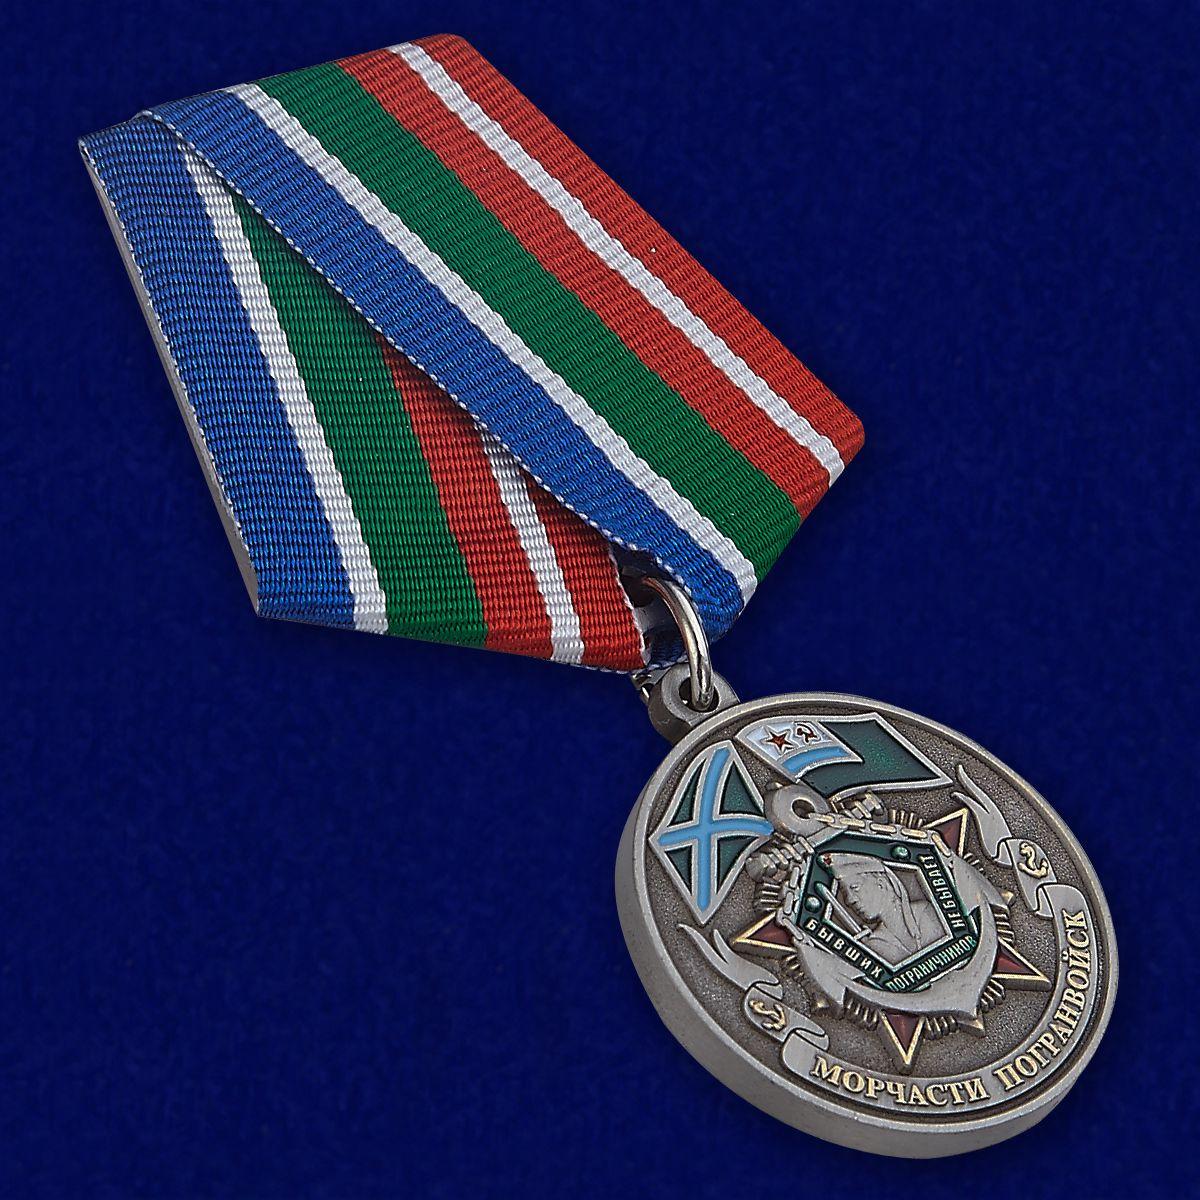 Купить медаль Ветеран Морчастей пограничных войск